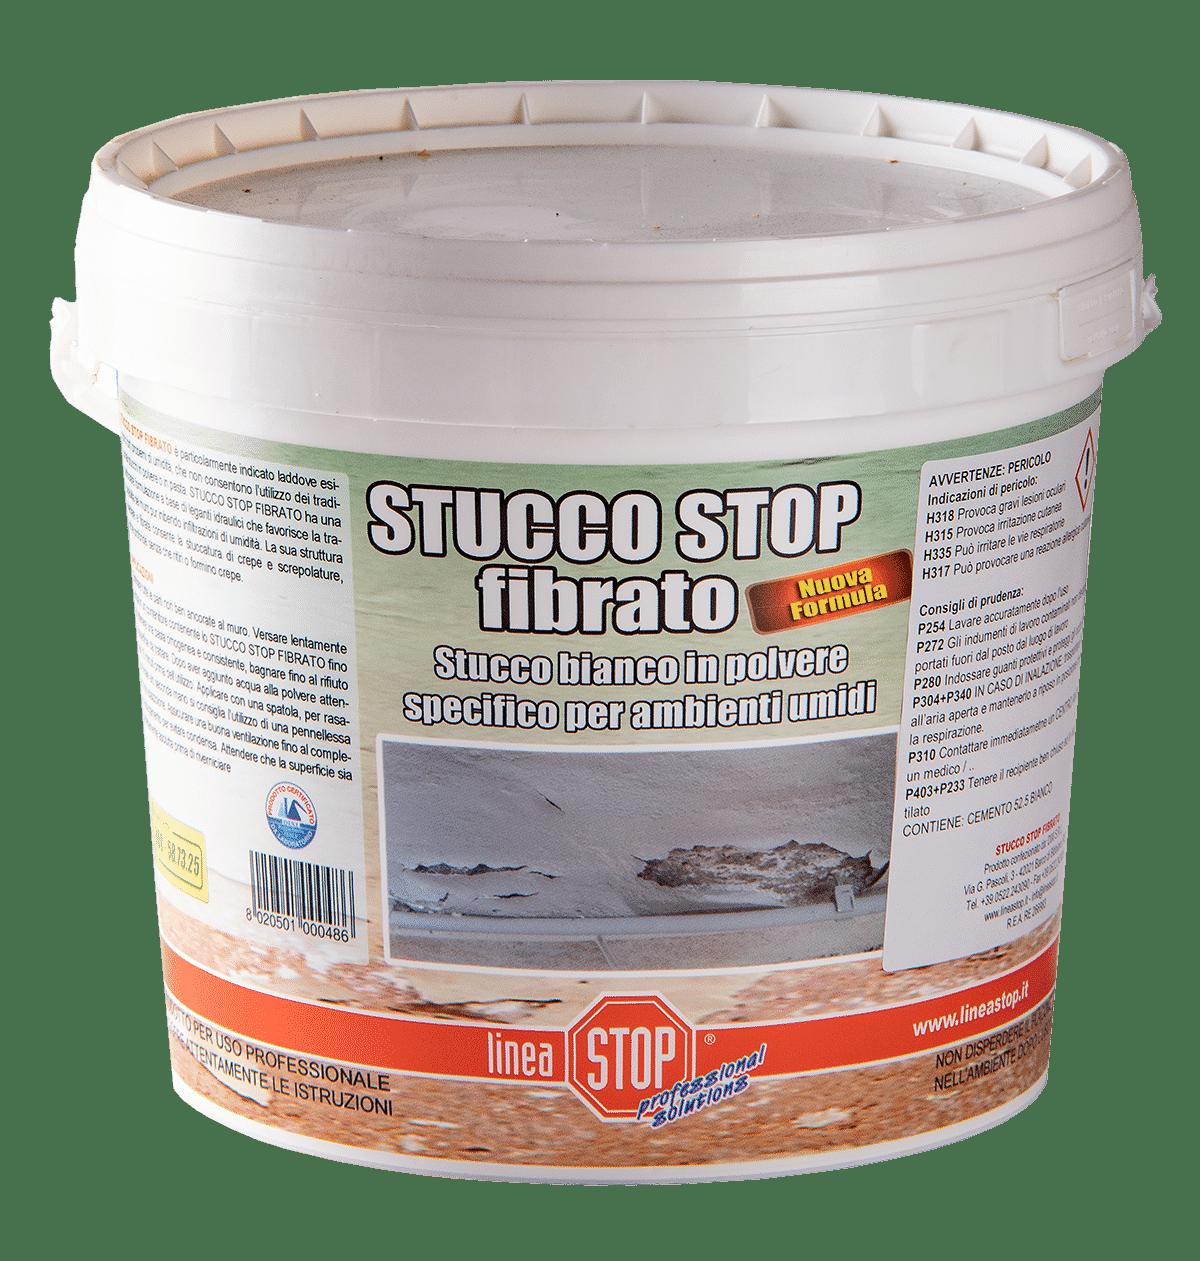 STUCCO STOP FIBRATO Image